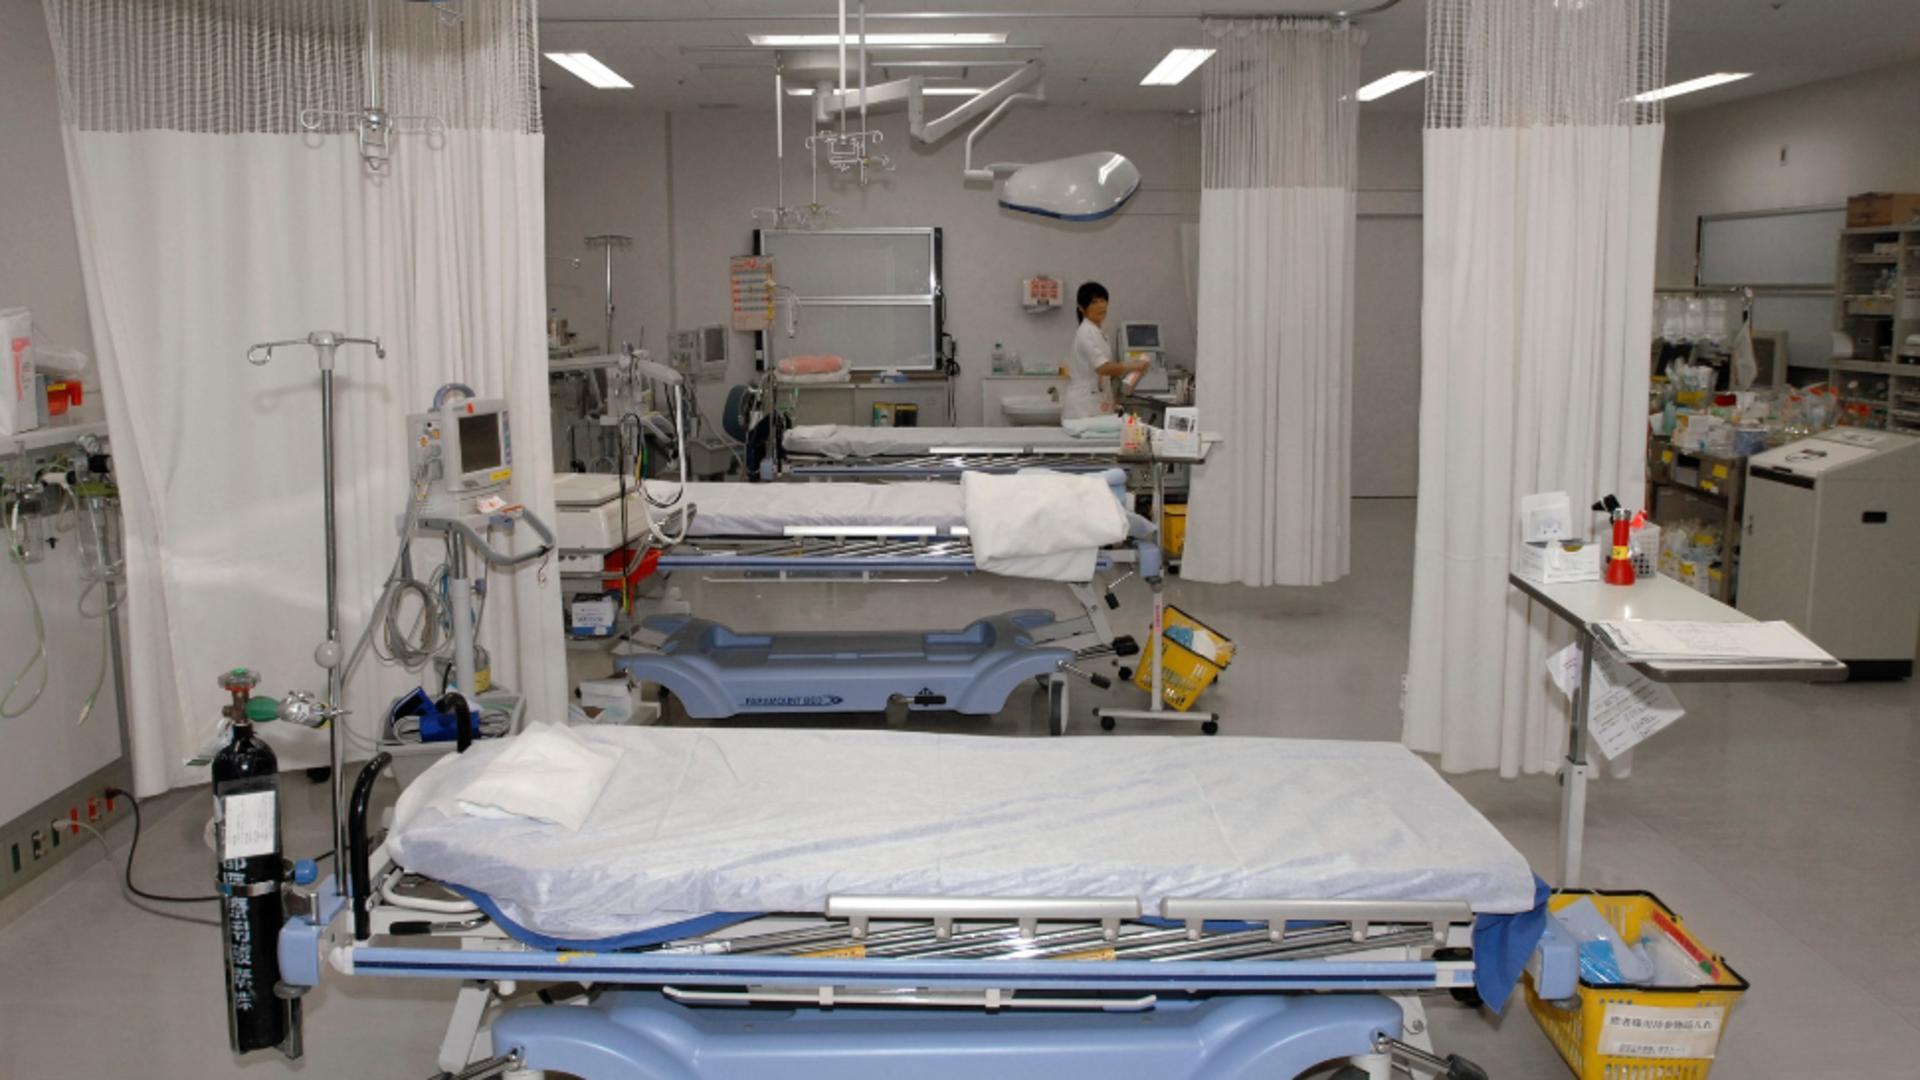 Salon spital / Foto: Profimedia